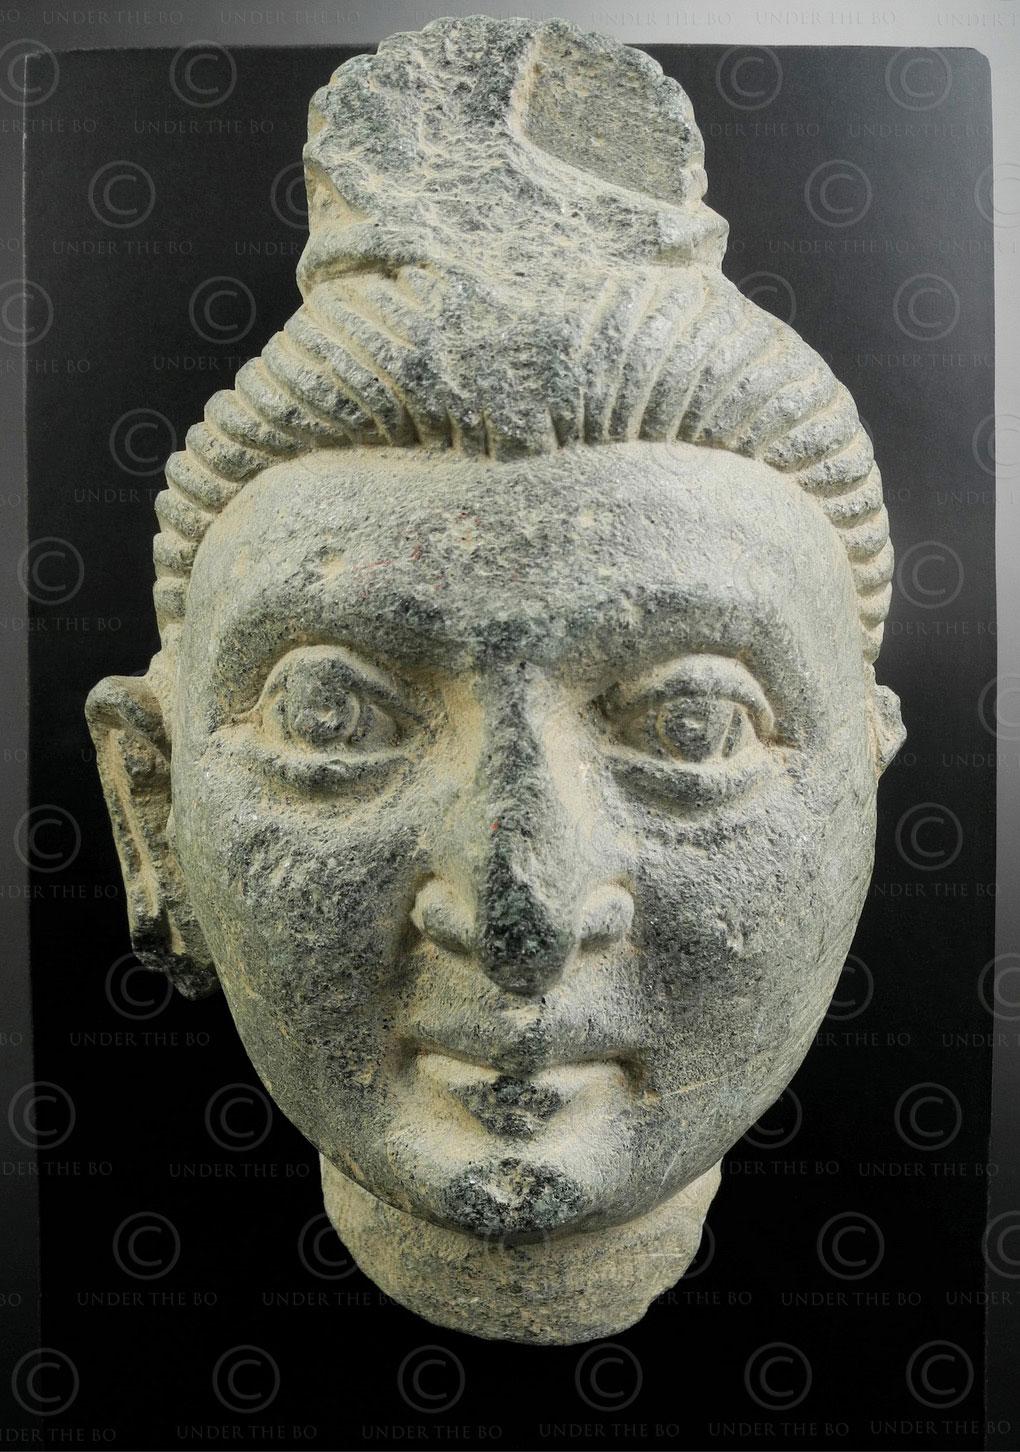 Visage Bouddha Gandhara en schiste PK258. Art gréco-bouddhiste, ancien royaume de Gandhara